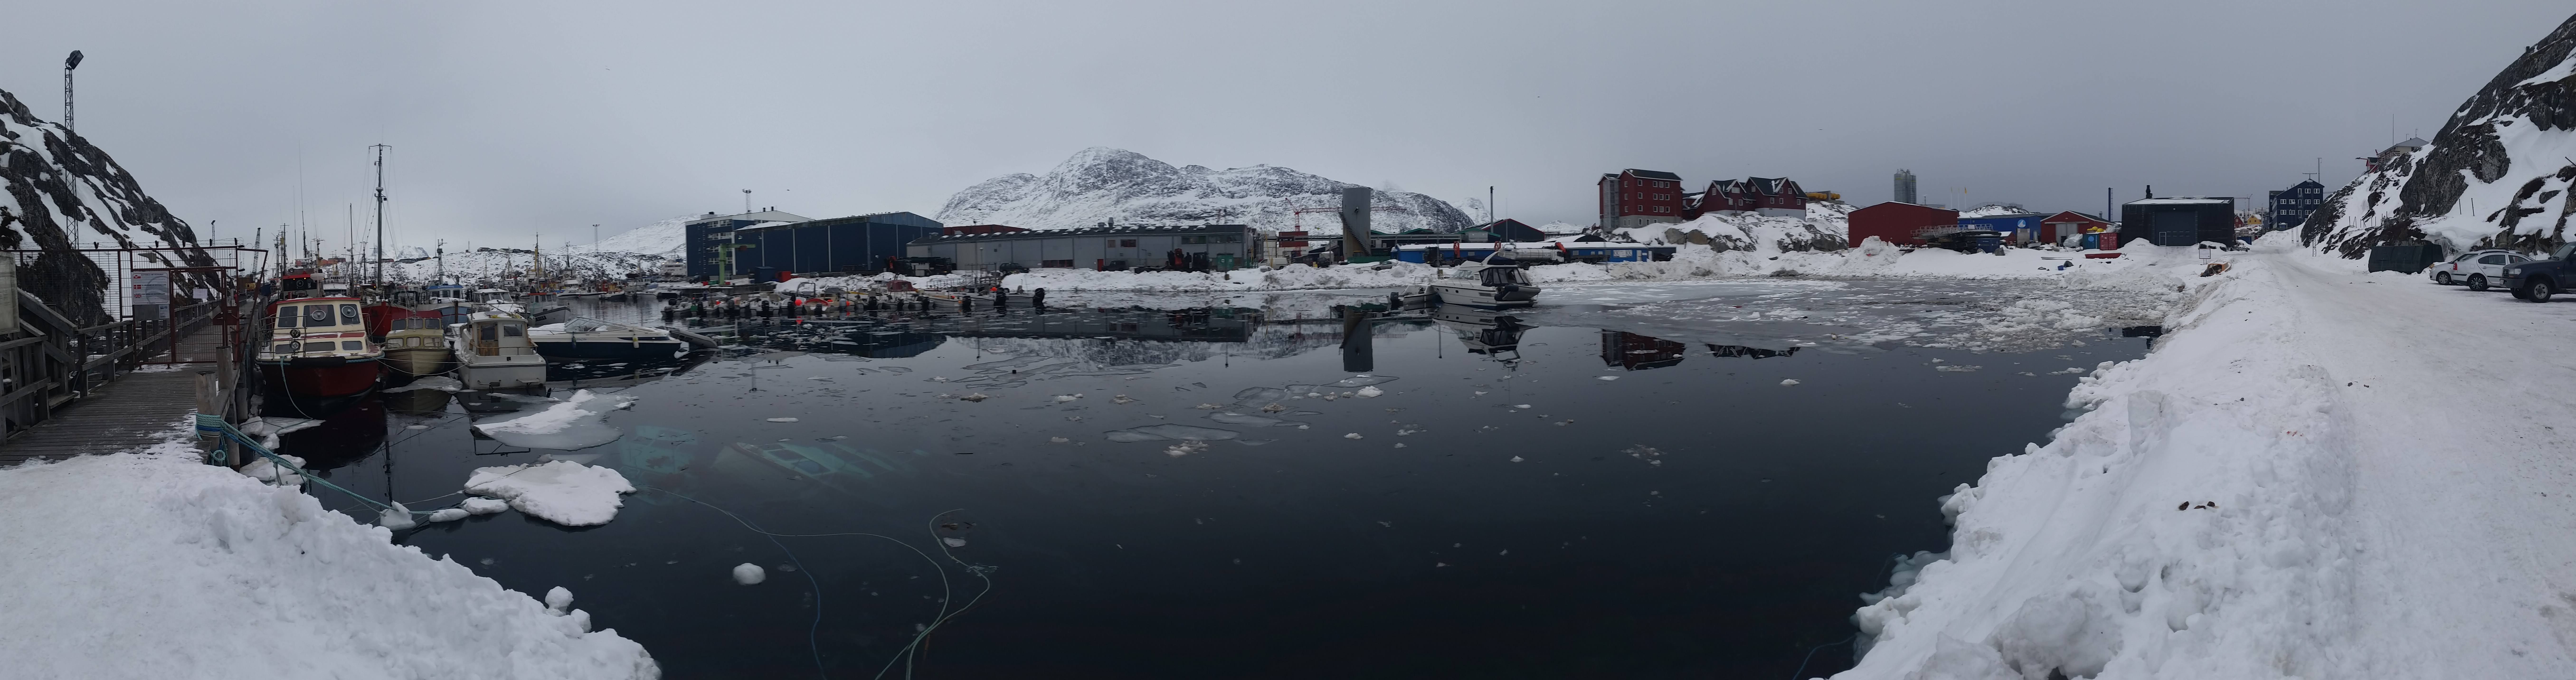 2016-03-23-0748_-_Panorama__Sermitsiaq_2